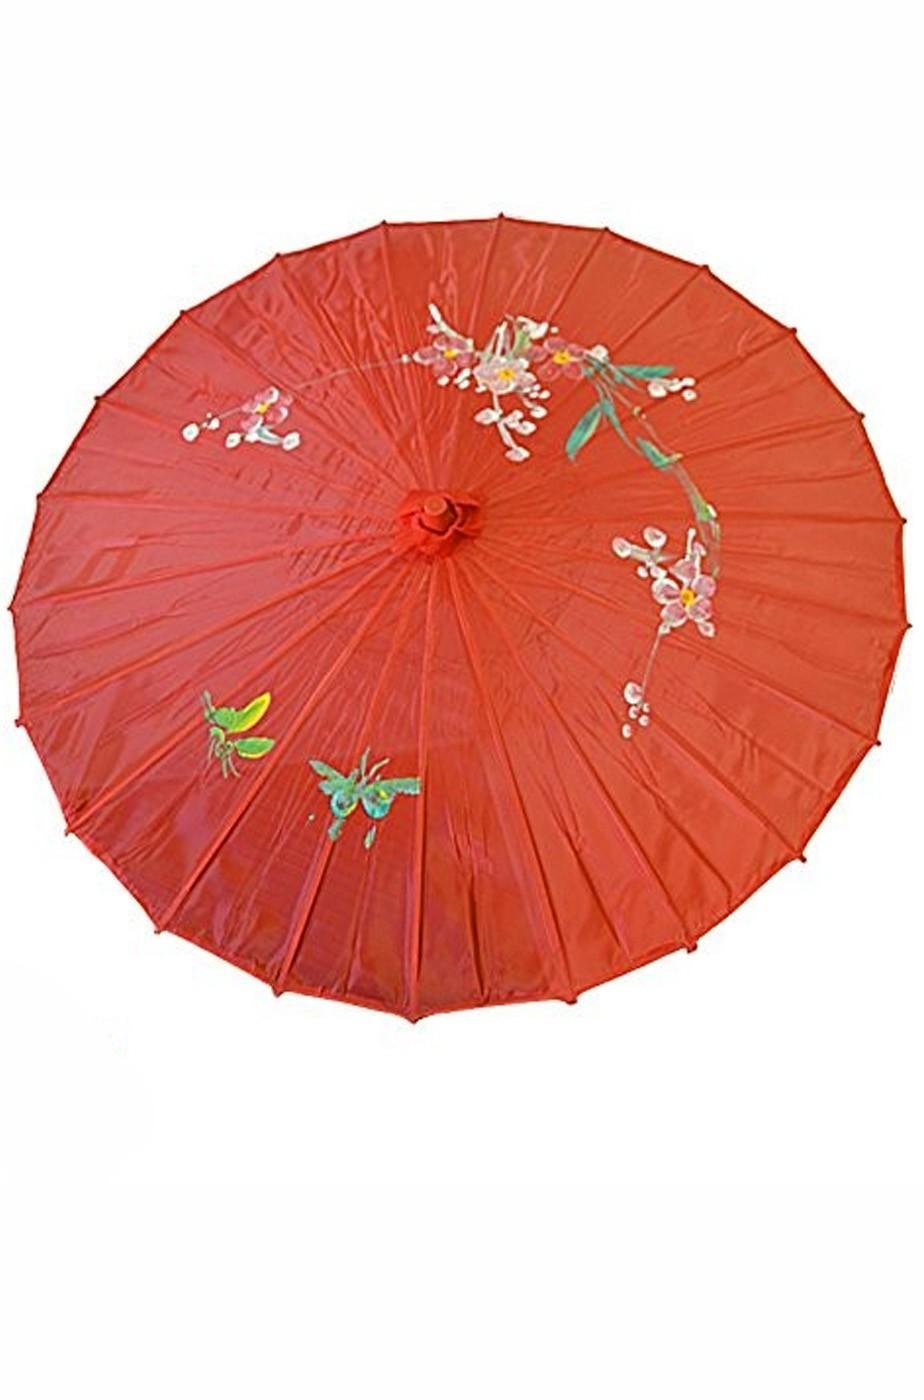 Ombrello Parasole cinese o giapponese geisha circa 82 cm rosa